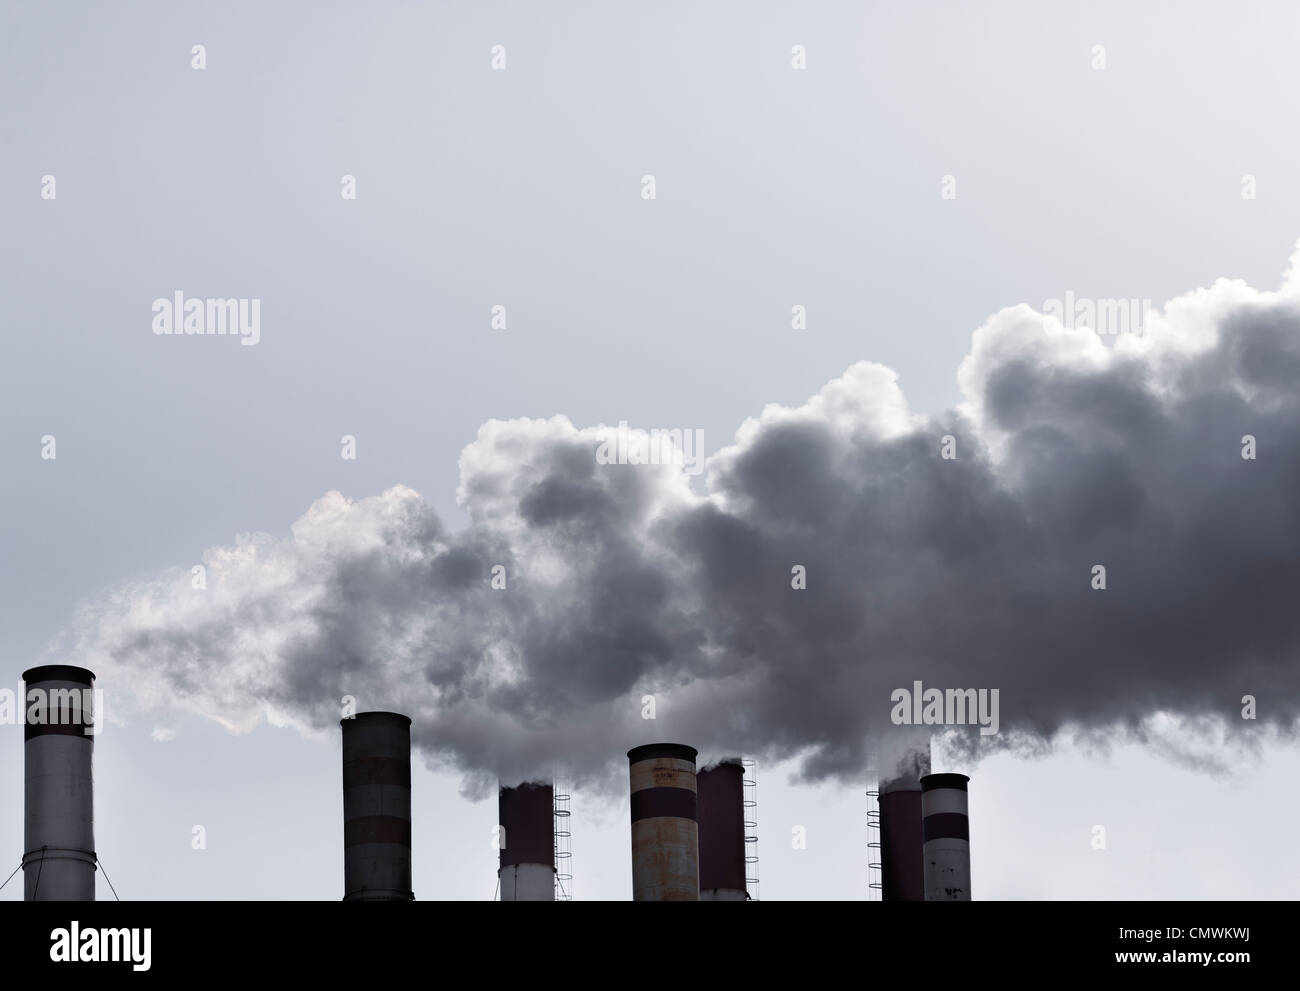 Industrierohre verschmutzen die Umwelt, Ökologie-Konzept Stockbild